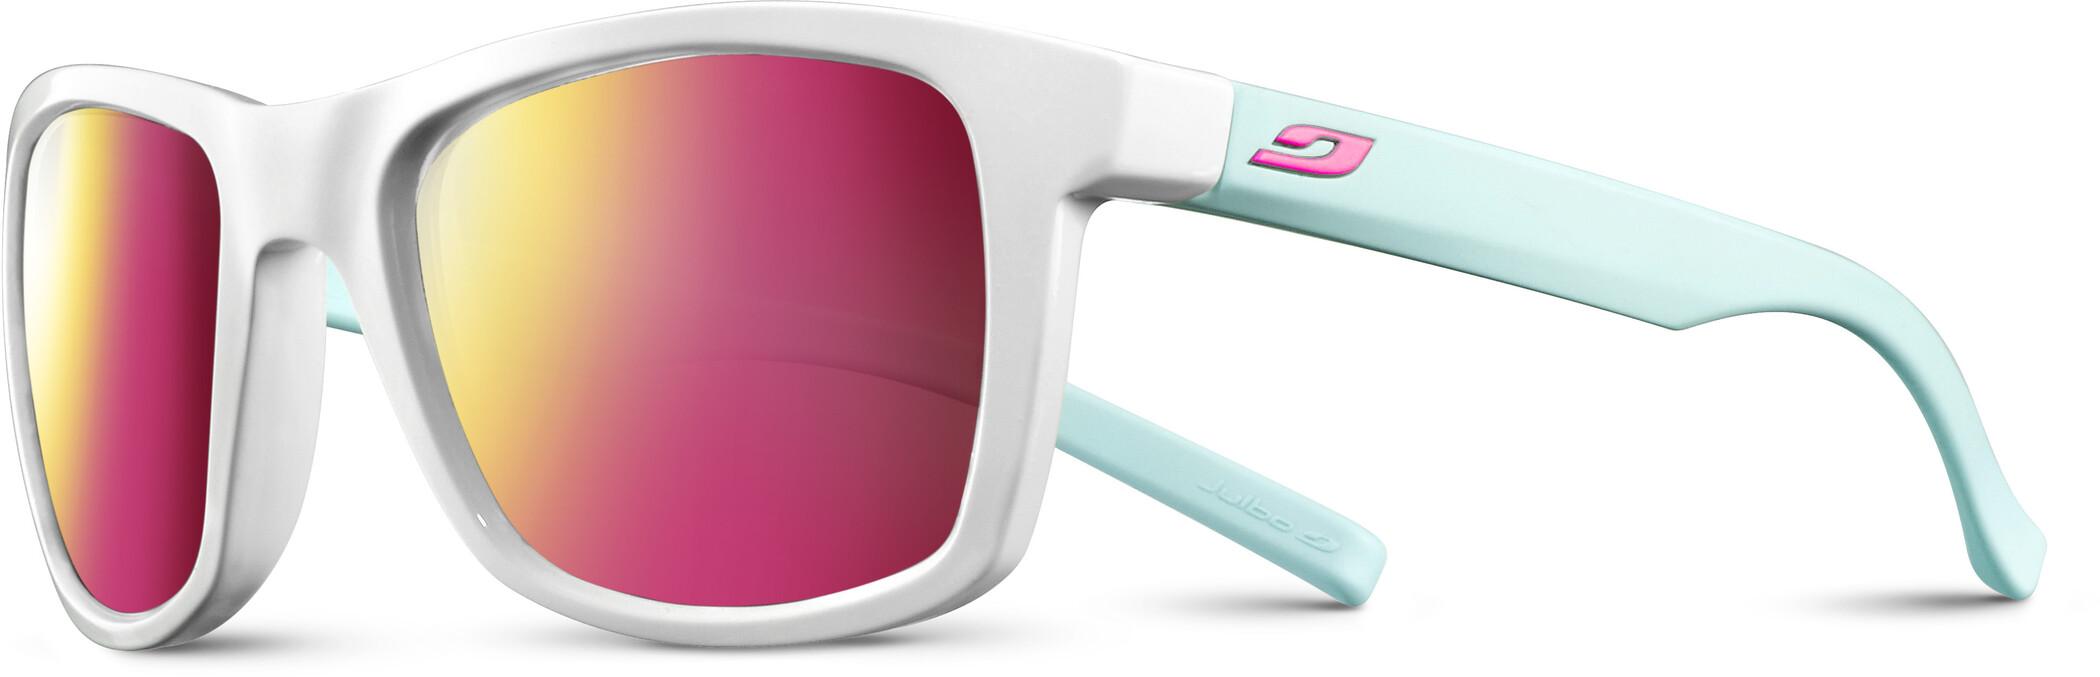 Julbo Beach Spectron 3CF Solbriller Herrer, shiny white/blue/multilayer rosa (2020) | Glasses